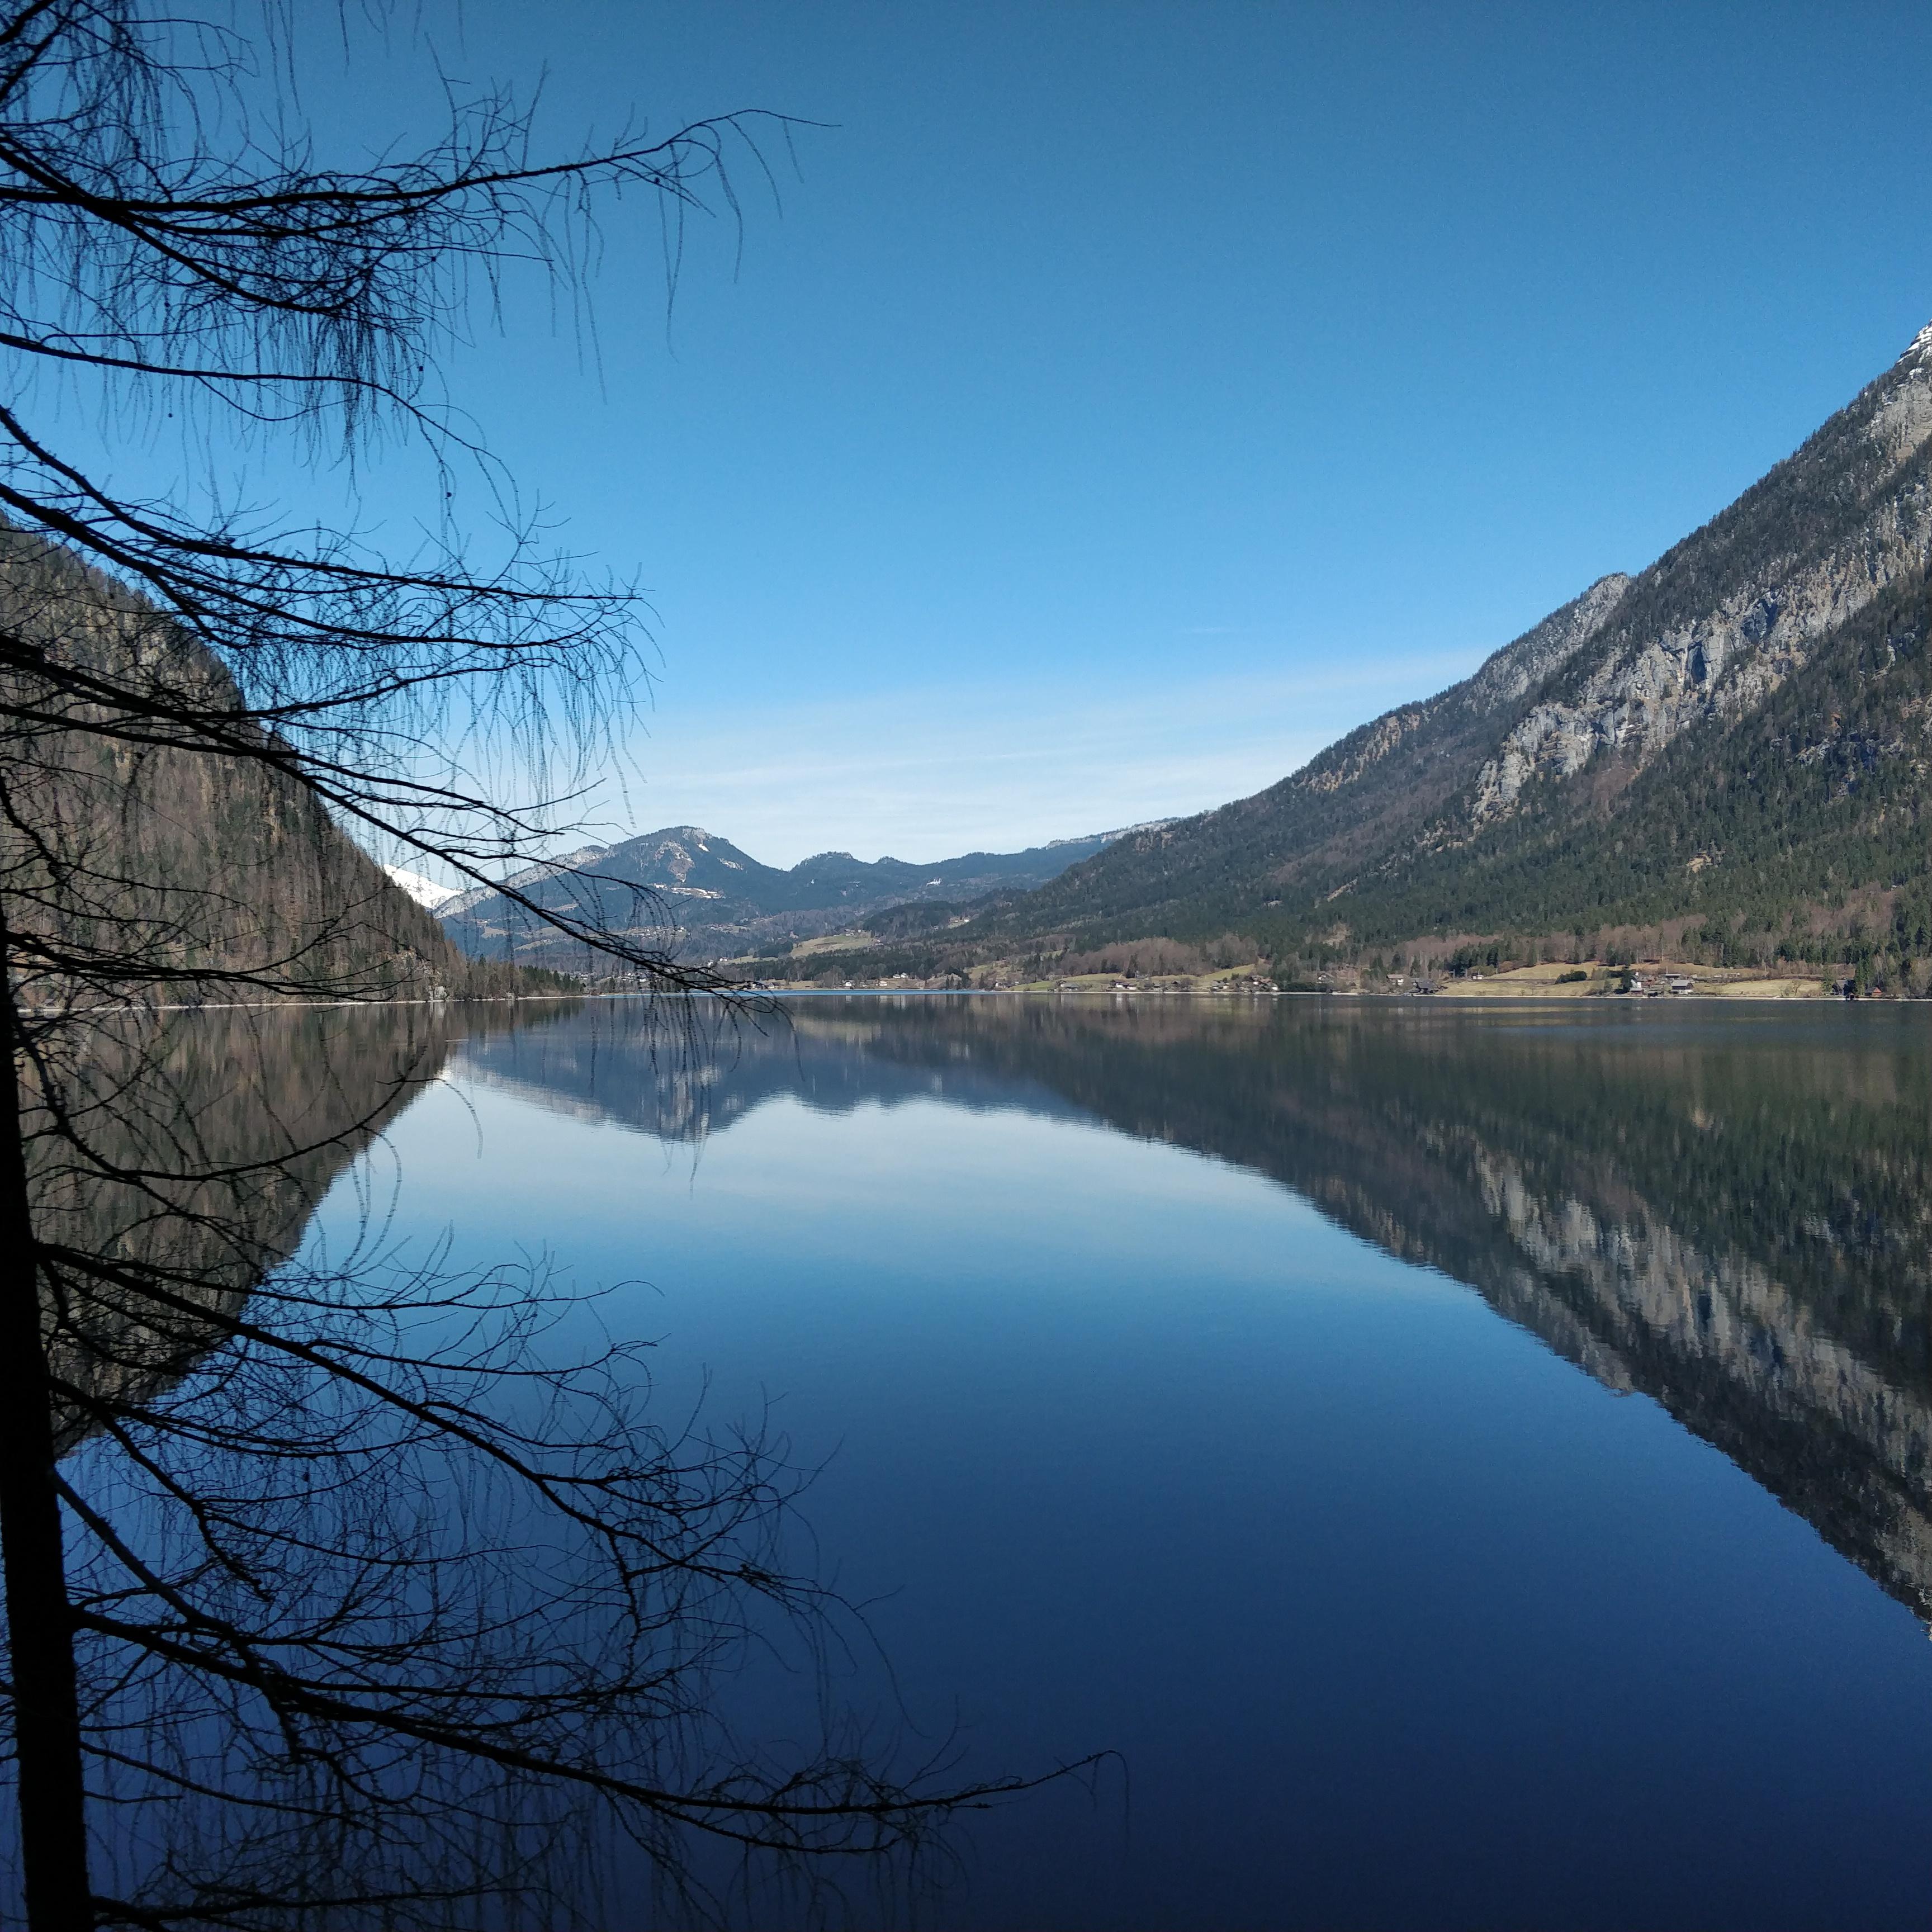 Hallstatt: Best kept secret of the Austrian Alps